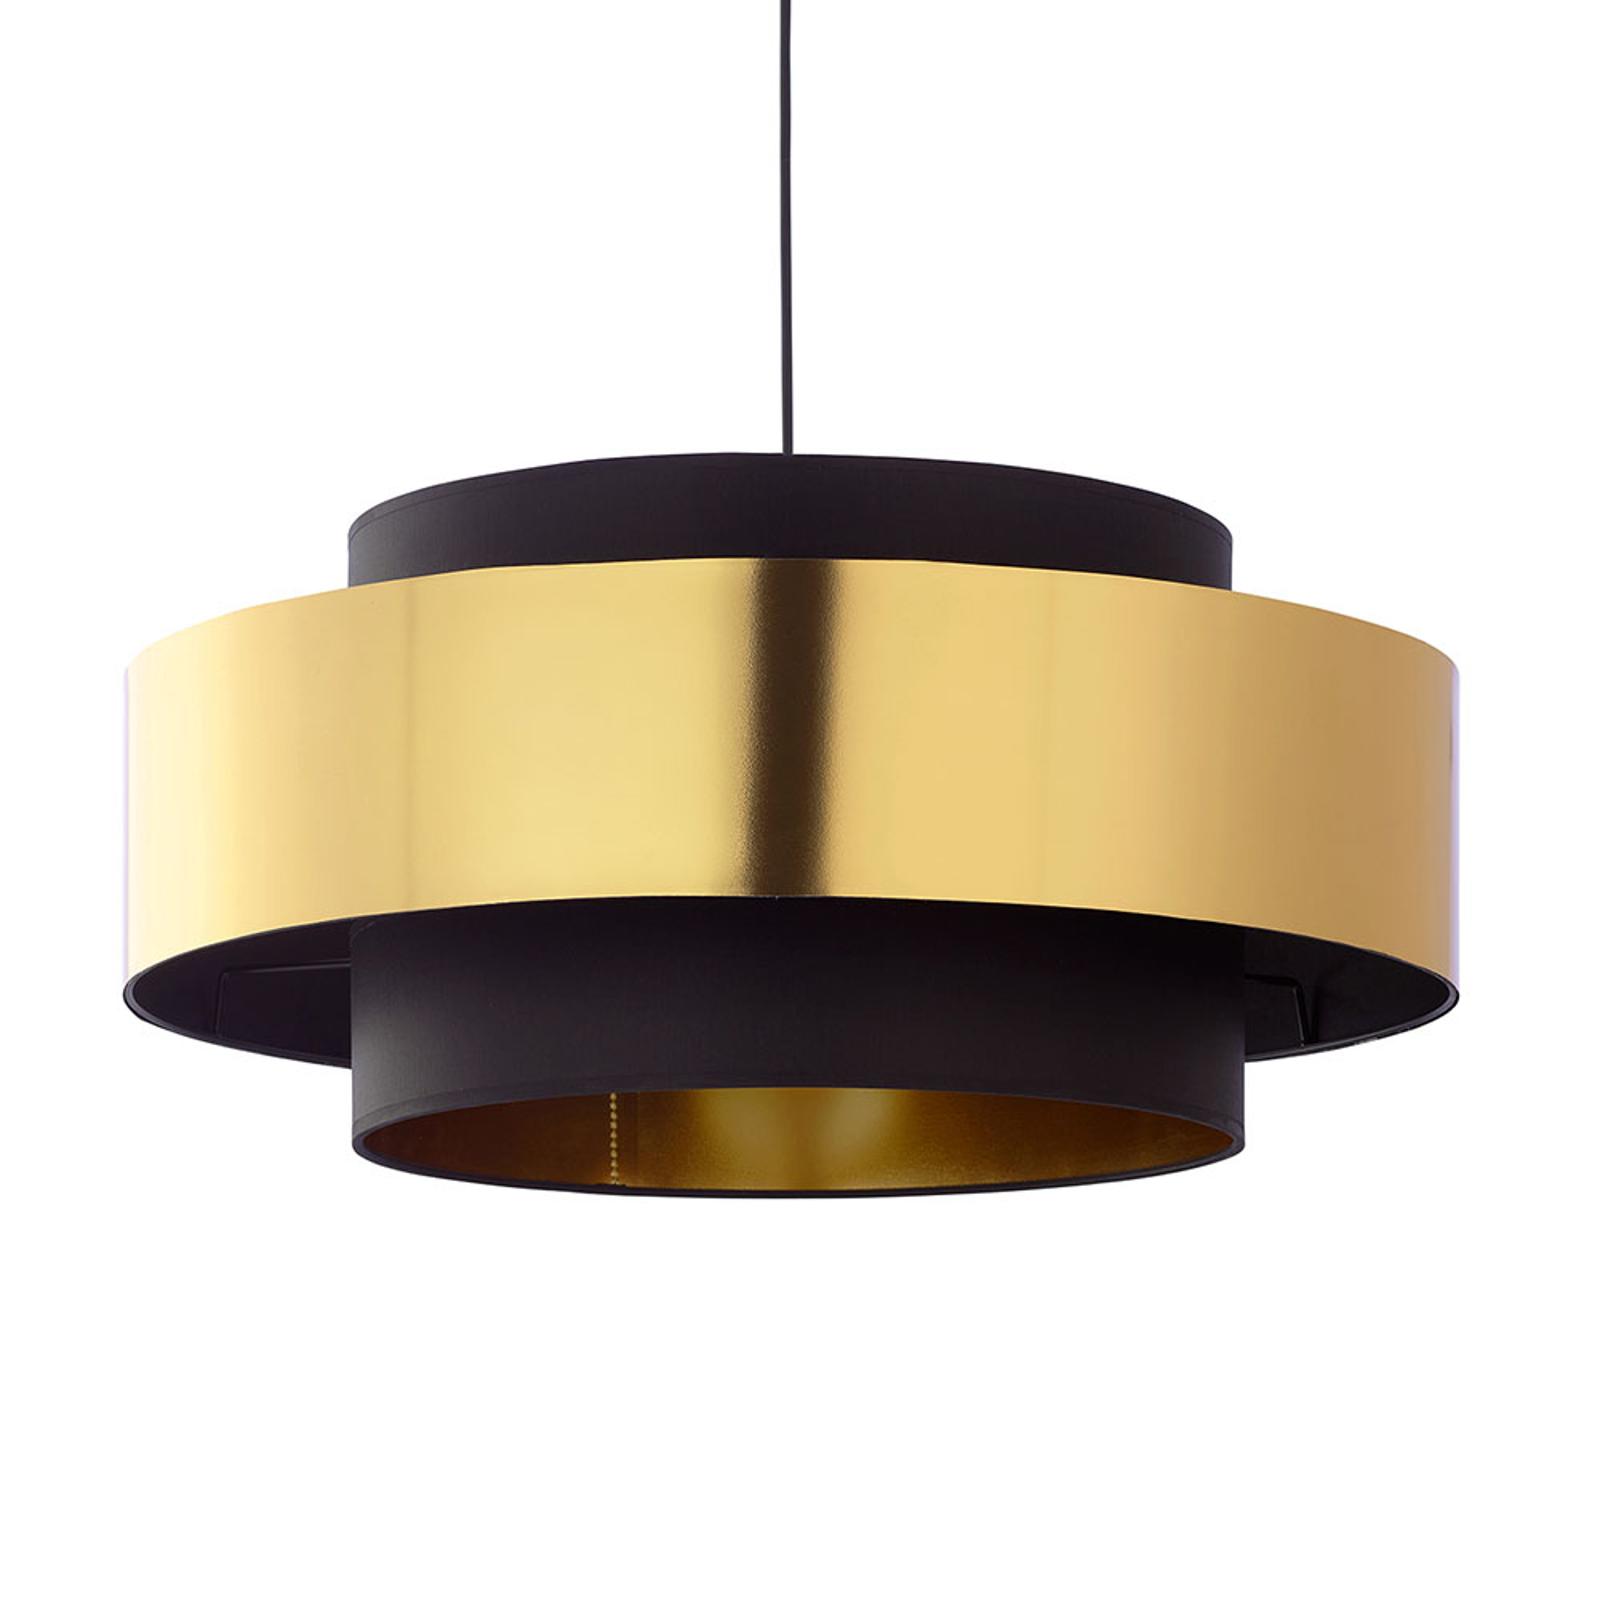 Lampa wisząca Calisto 1-punktowa, Ø 60cm